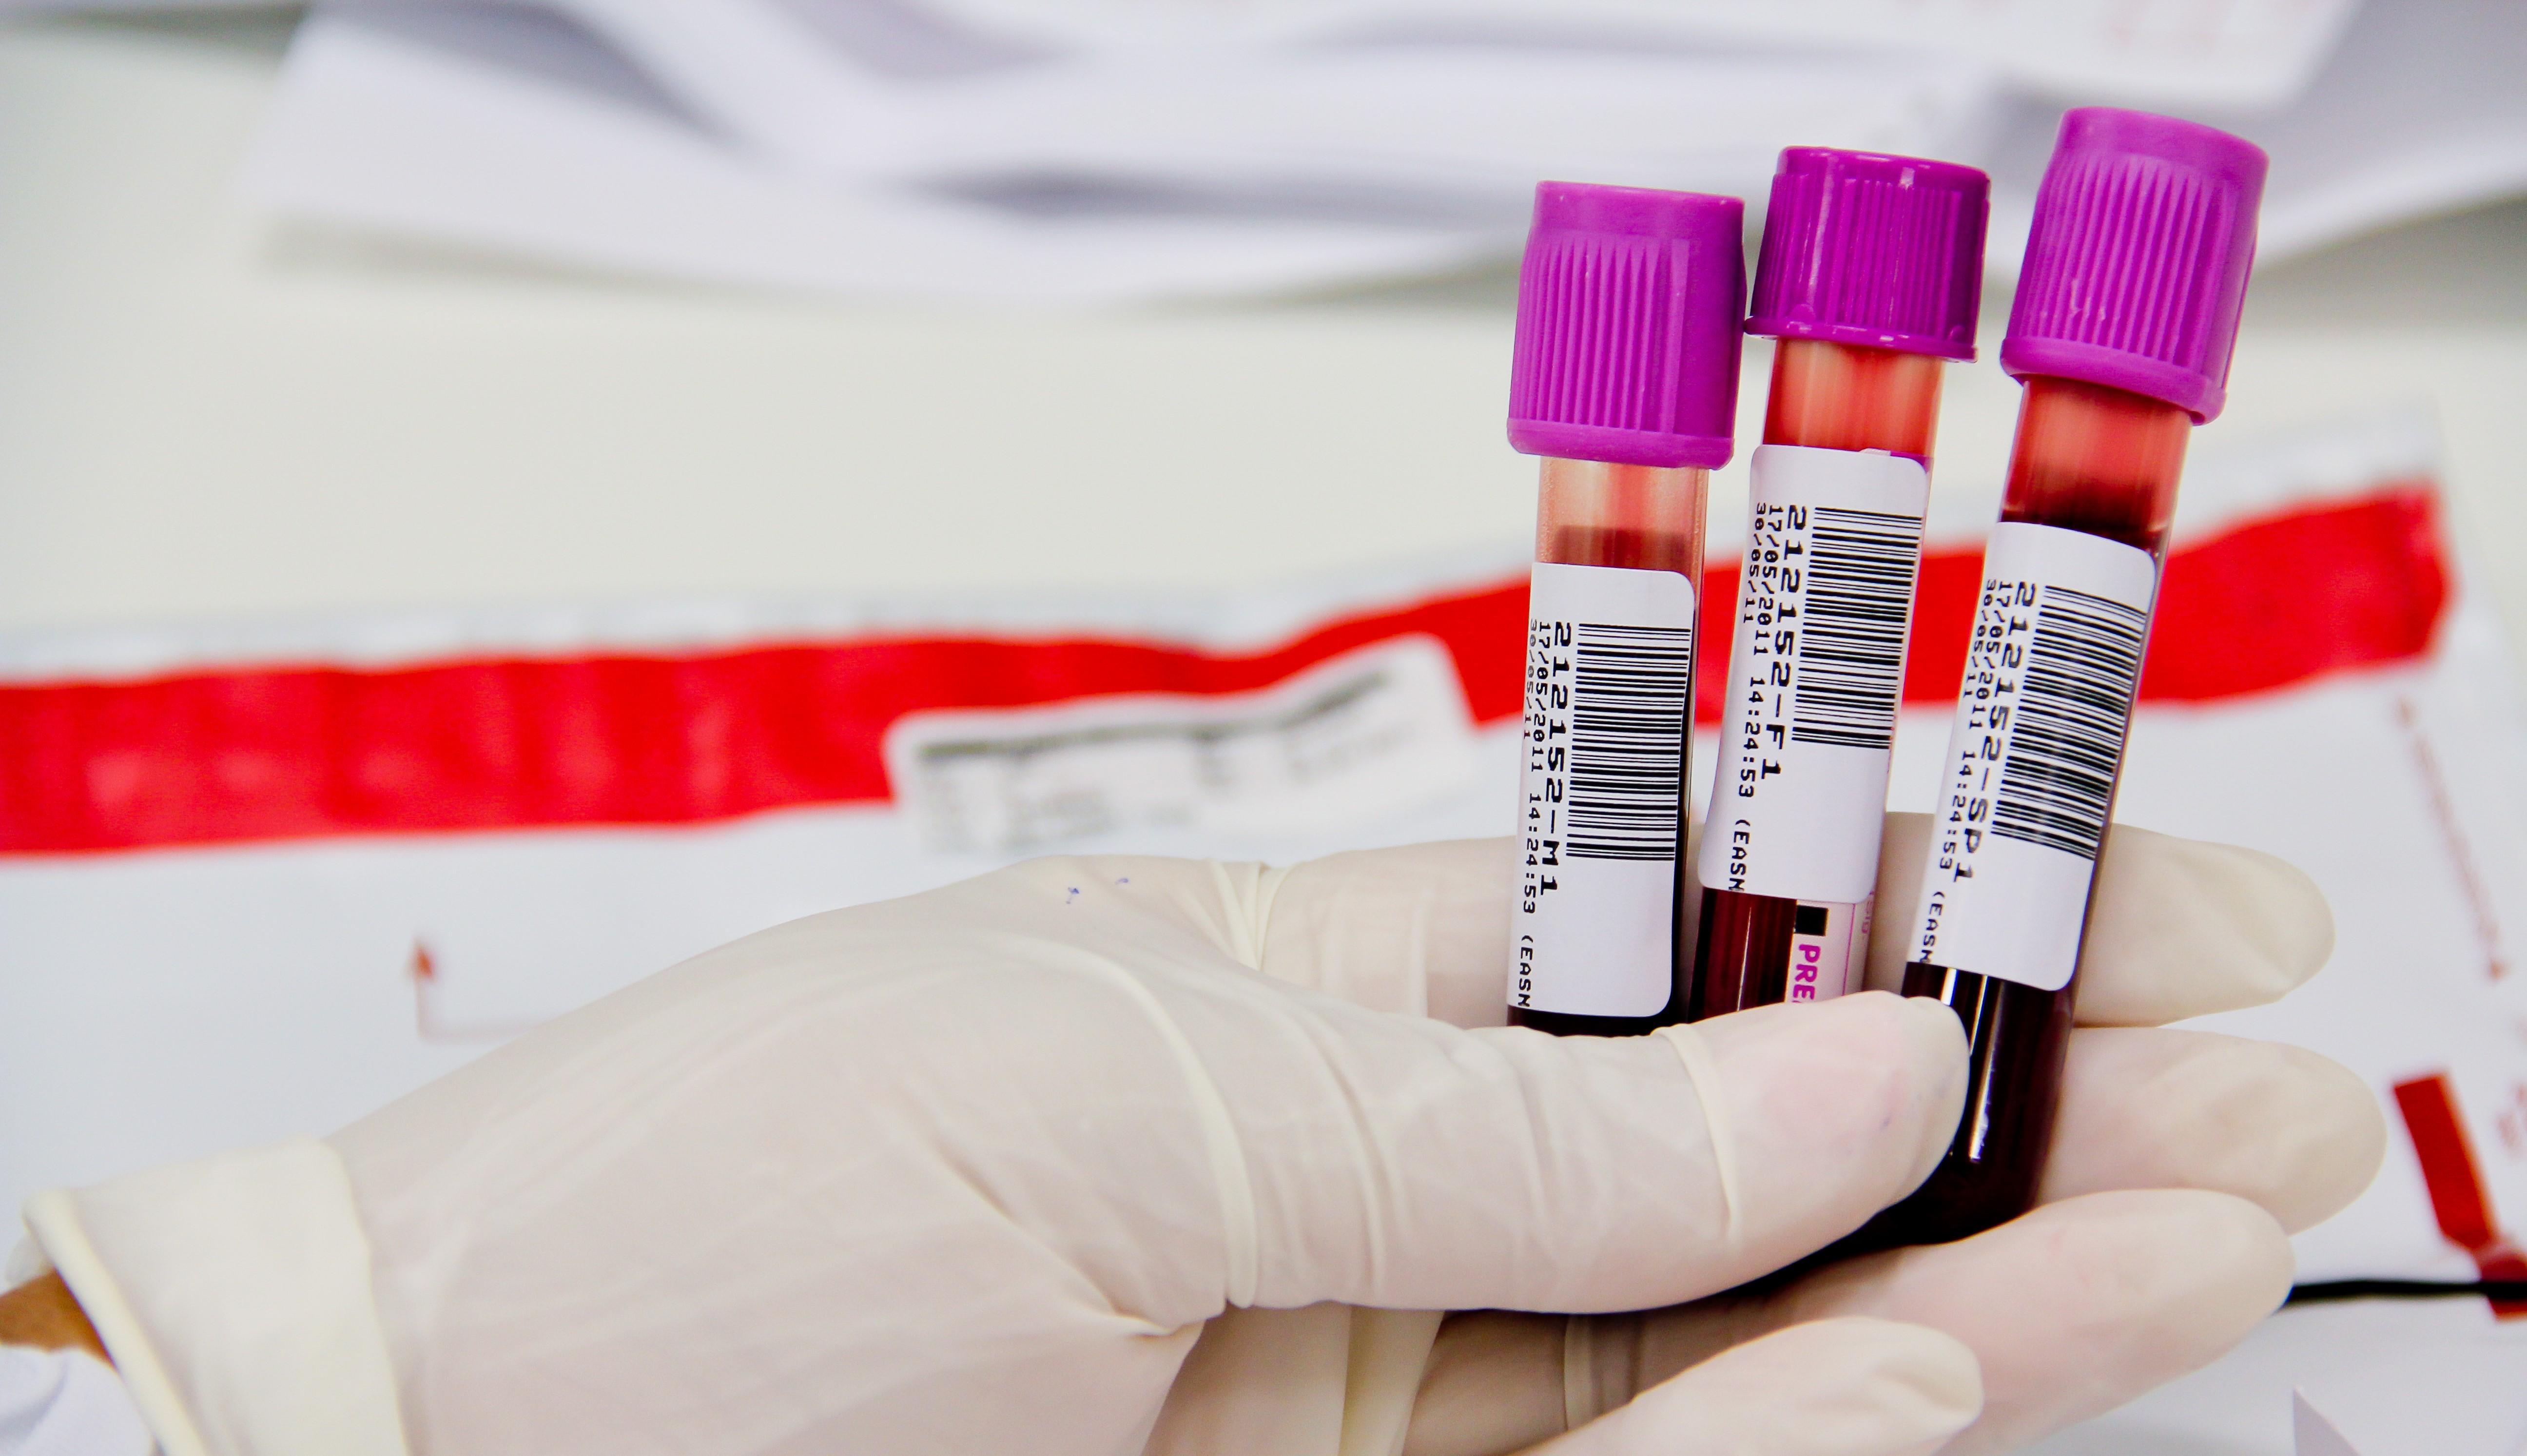 O que e pcr no exame de sangue